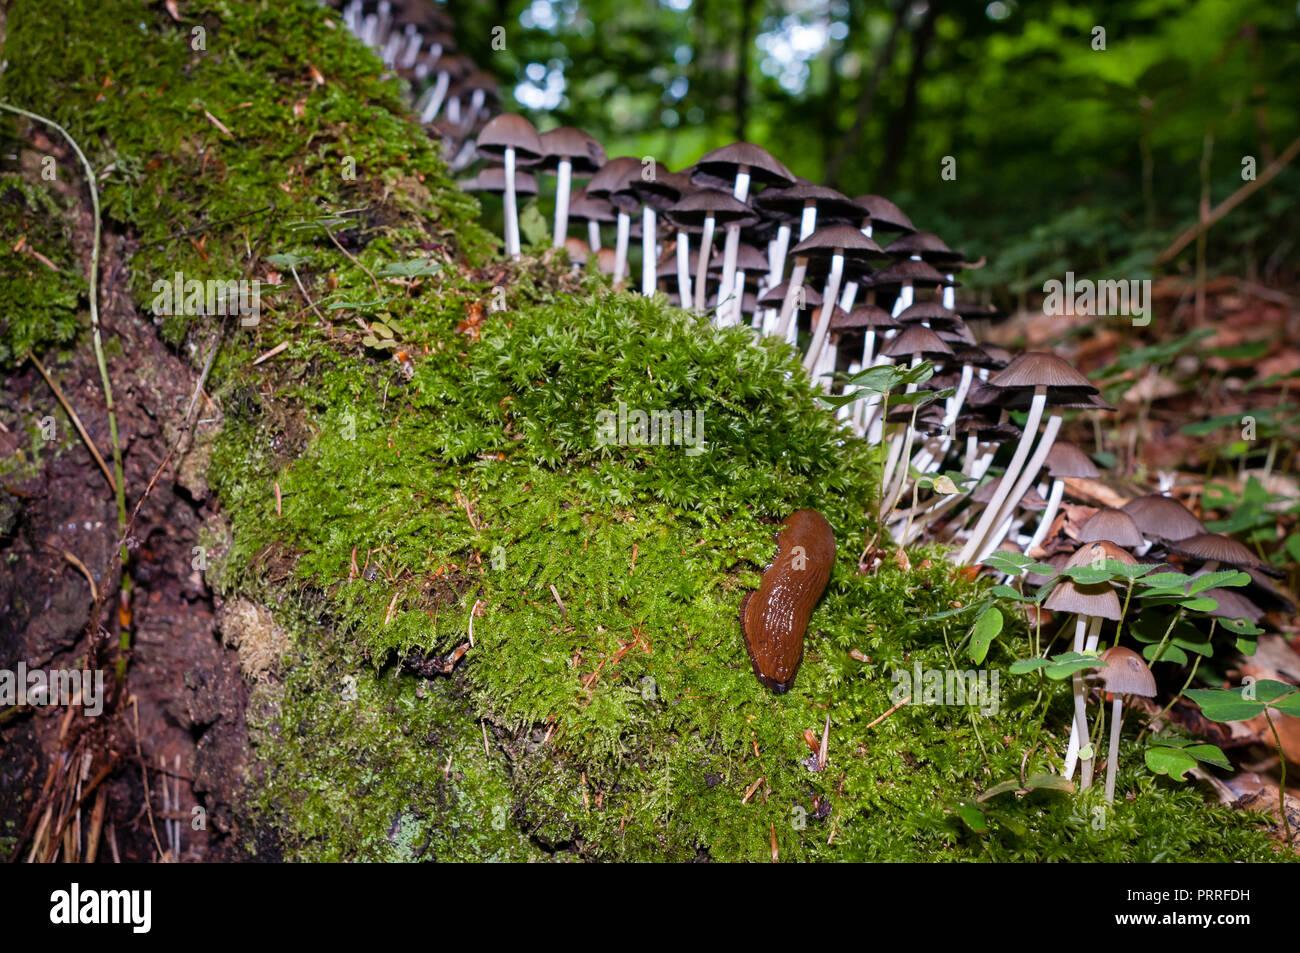 Brown slug, un grupo de hongos y musgo húmedo sobre un tocón de árbol. El enfoque selectivo y la linterna. Foto de stock